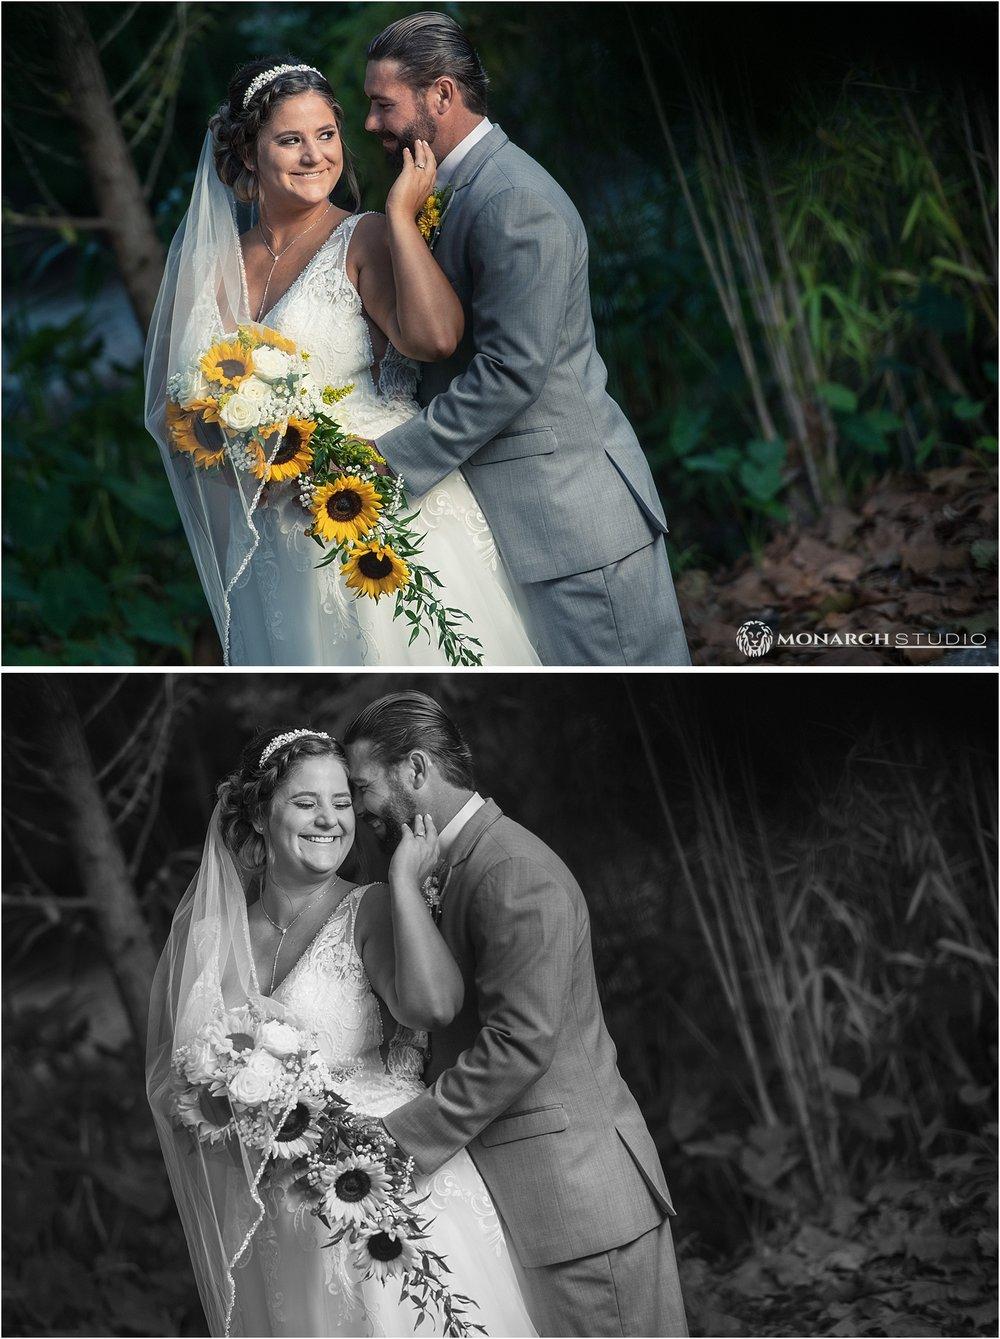 rustic-st-augustine-wedding-spots-021.jpg